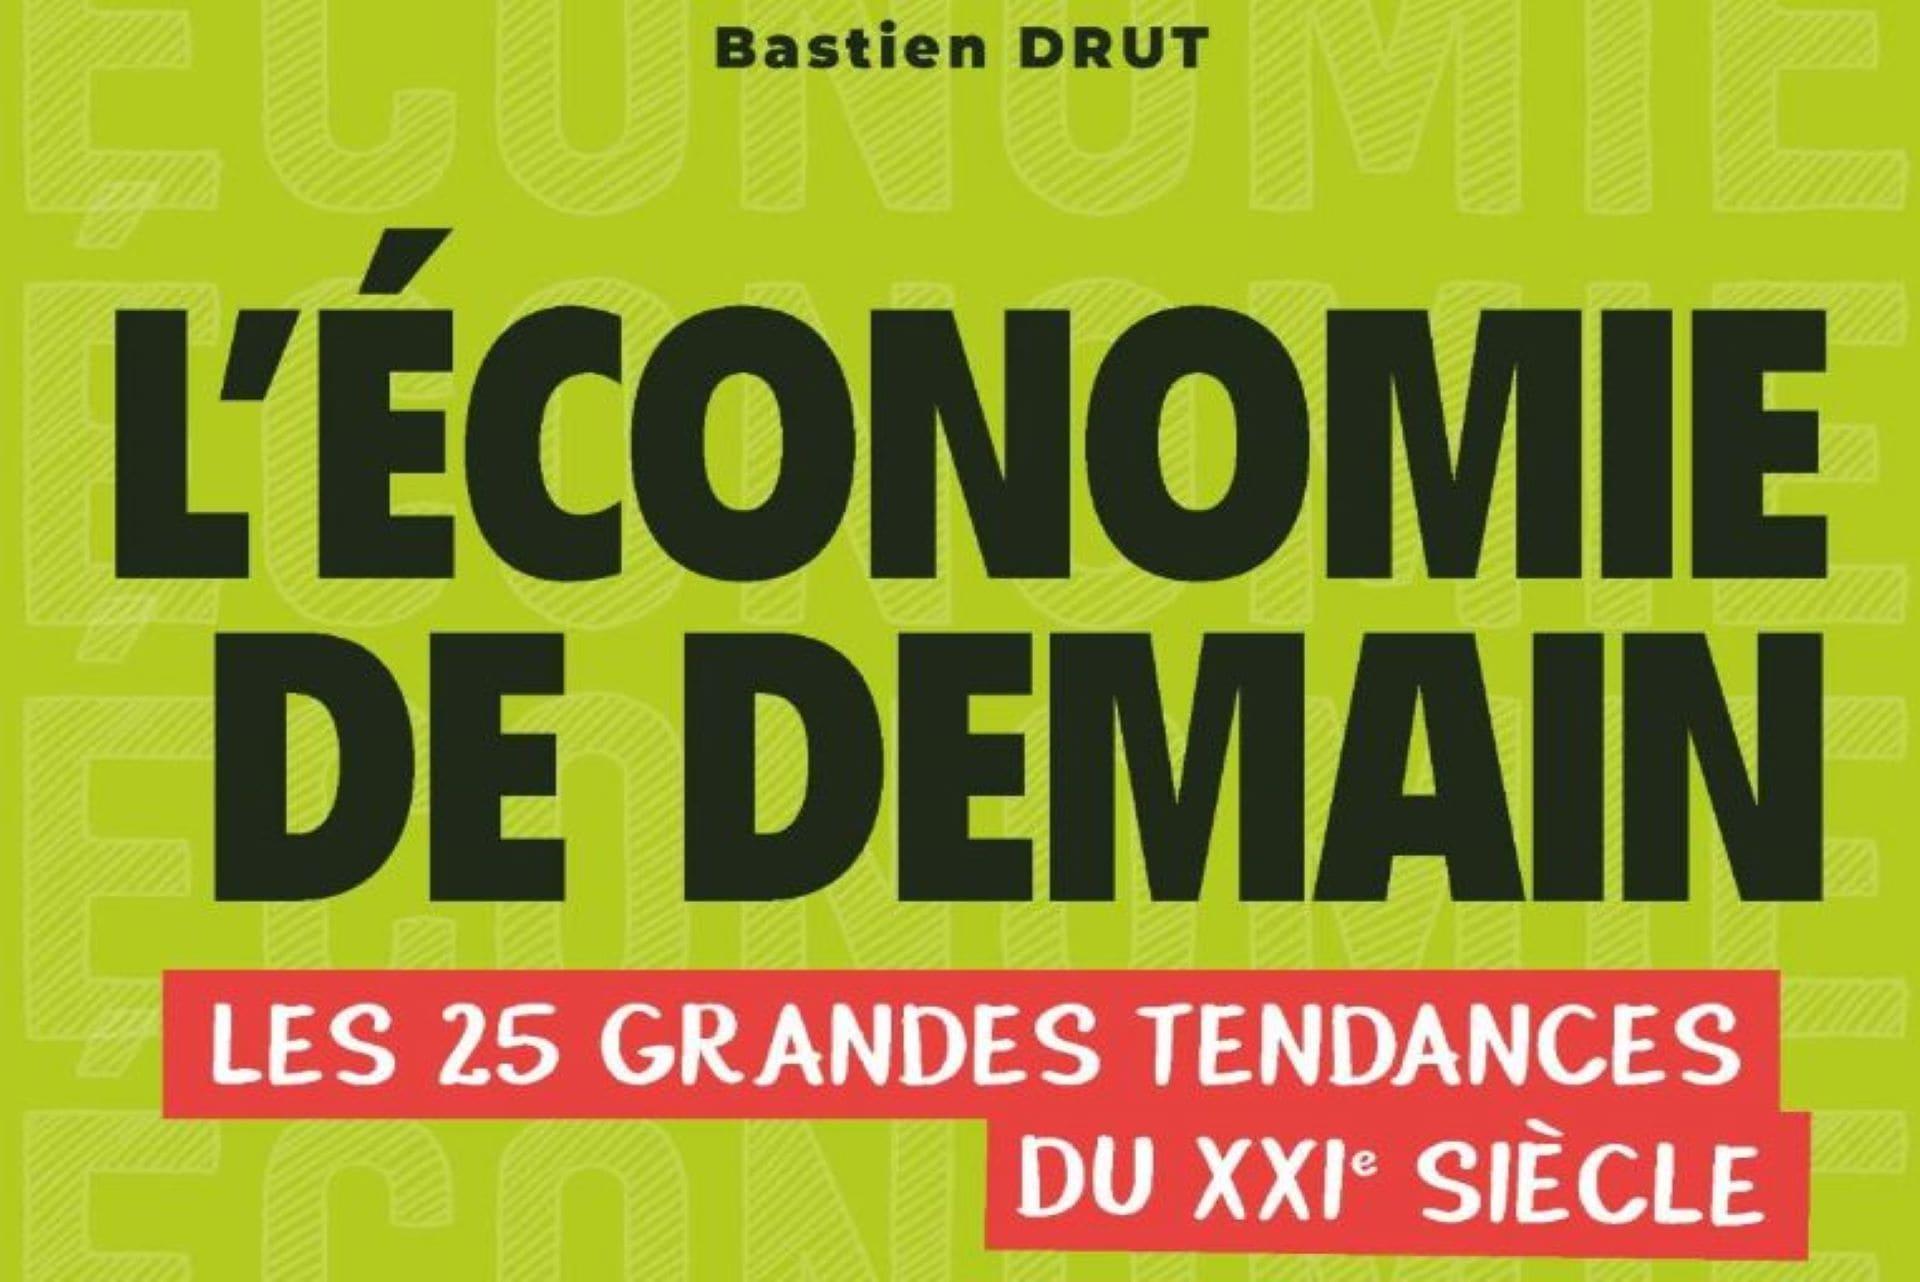 Bastien Drut partage sa vision de L'Économie de demain dans son nouveau livre